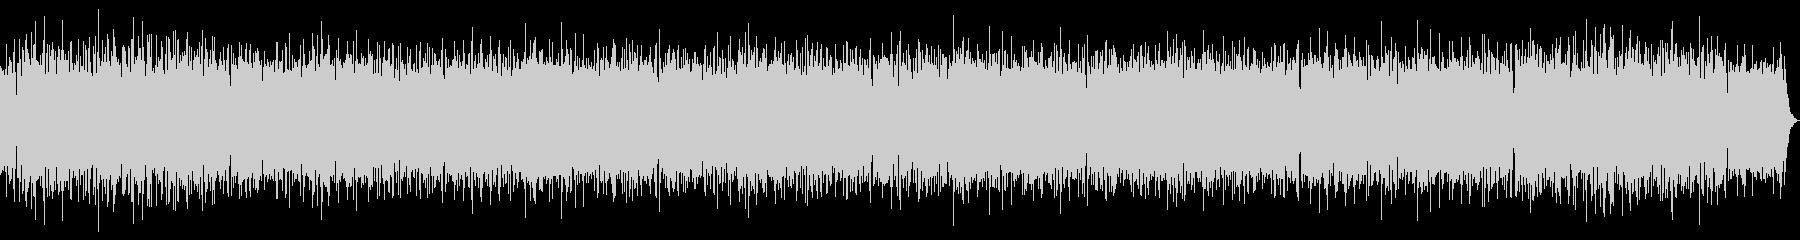 リラックスムードのおしゃれボサノバの未再生の波形